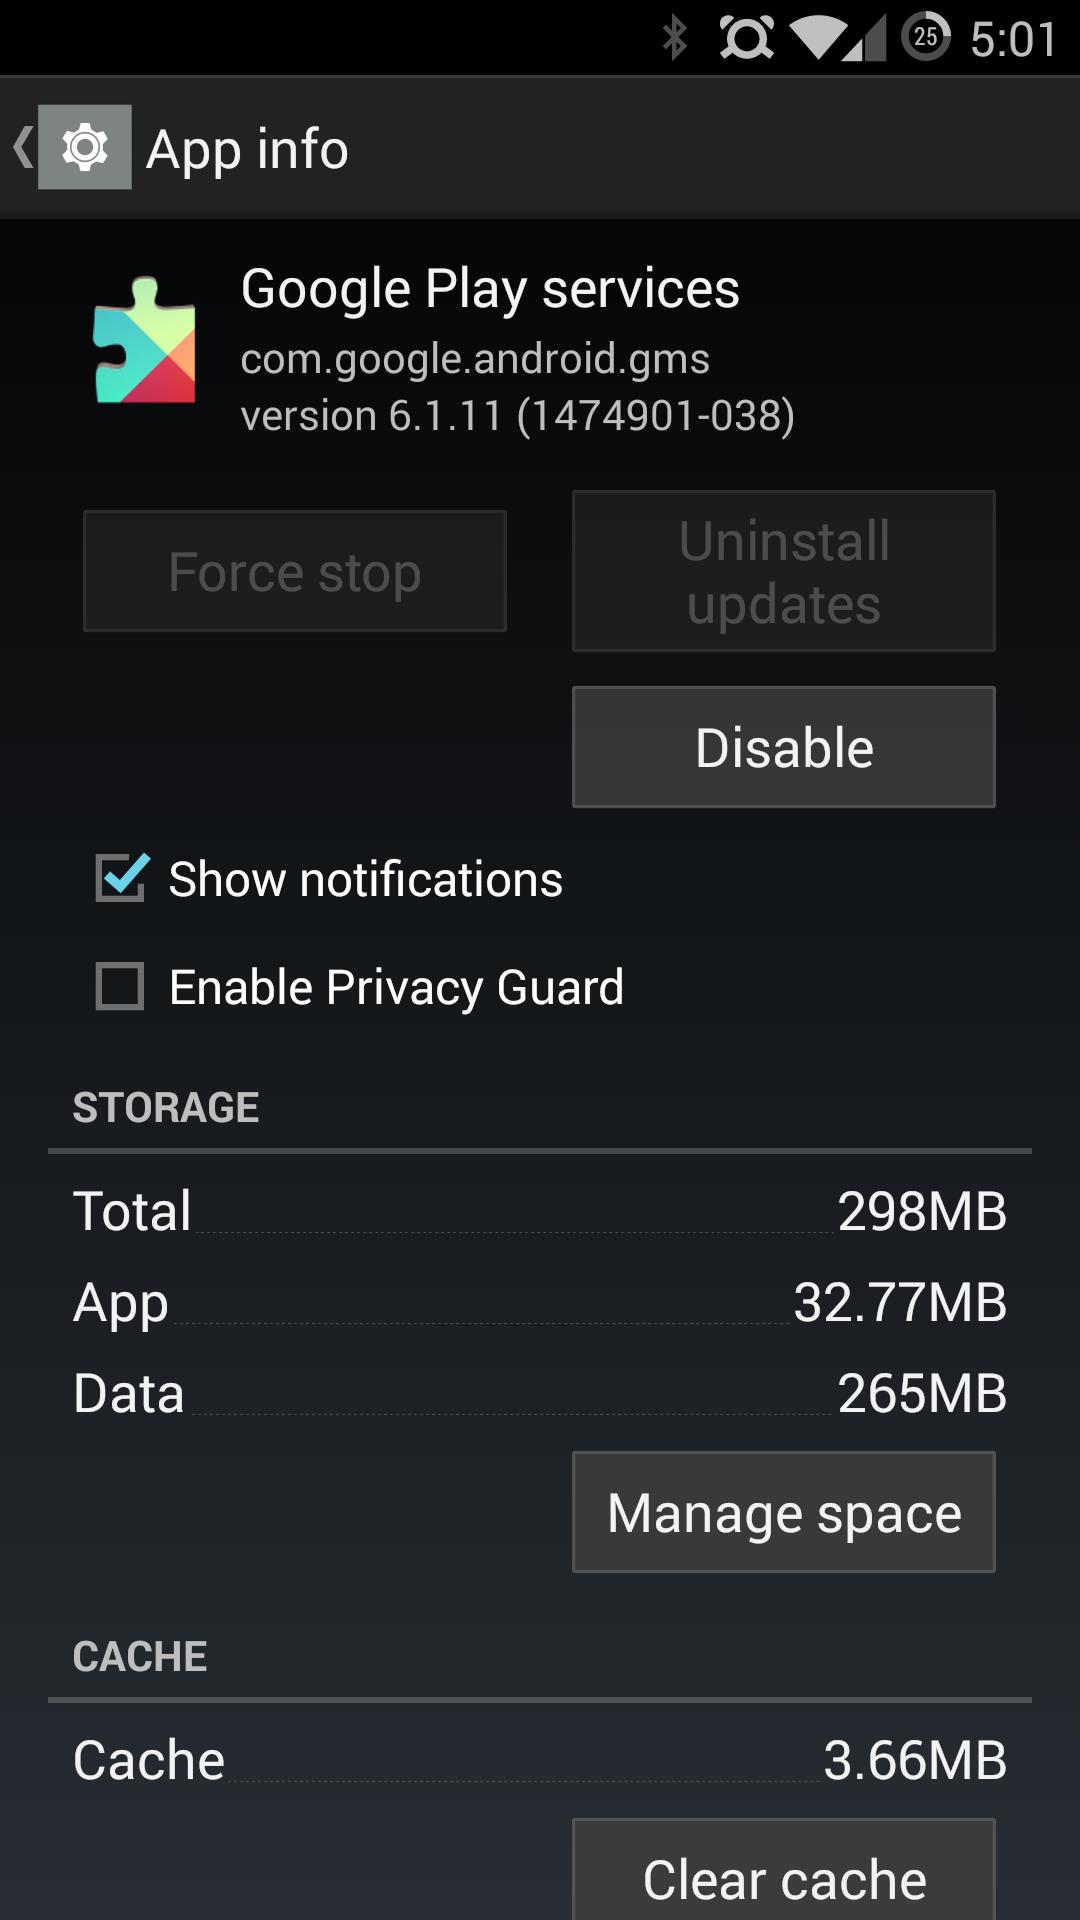 qn6hbET تحميل Google Play services 9.2.56 لجميع اصدارات الاندرويد